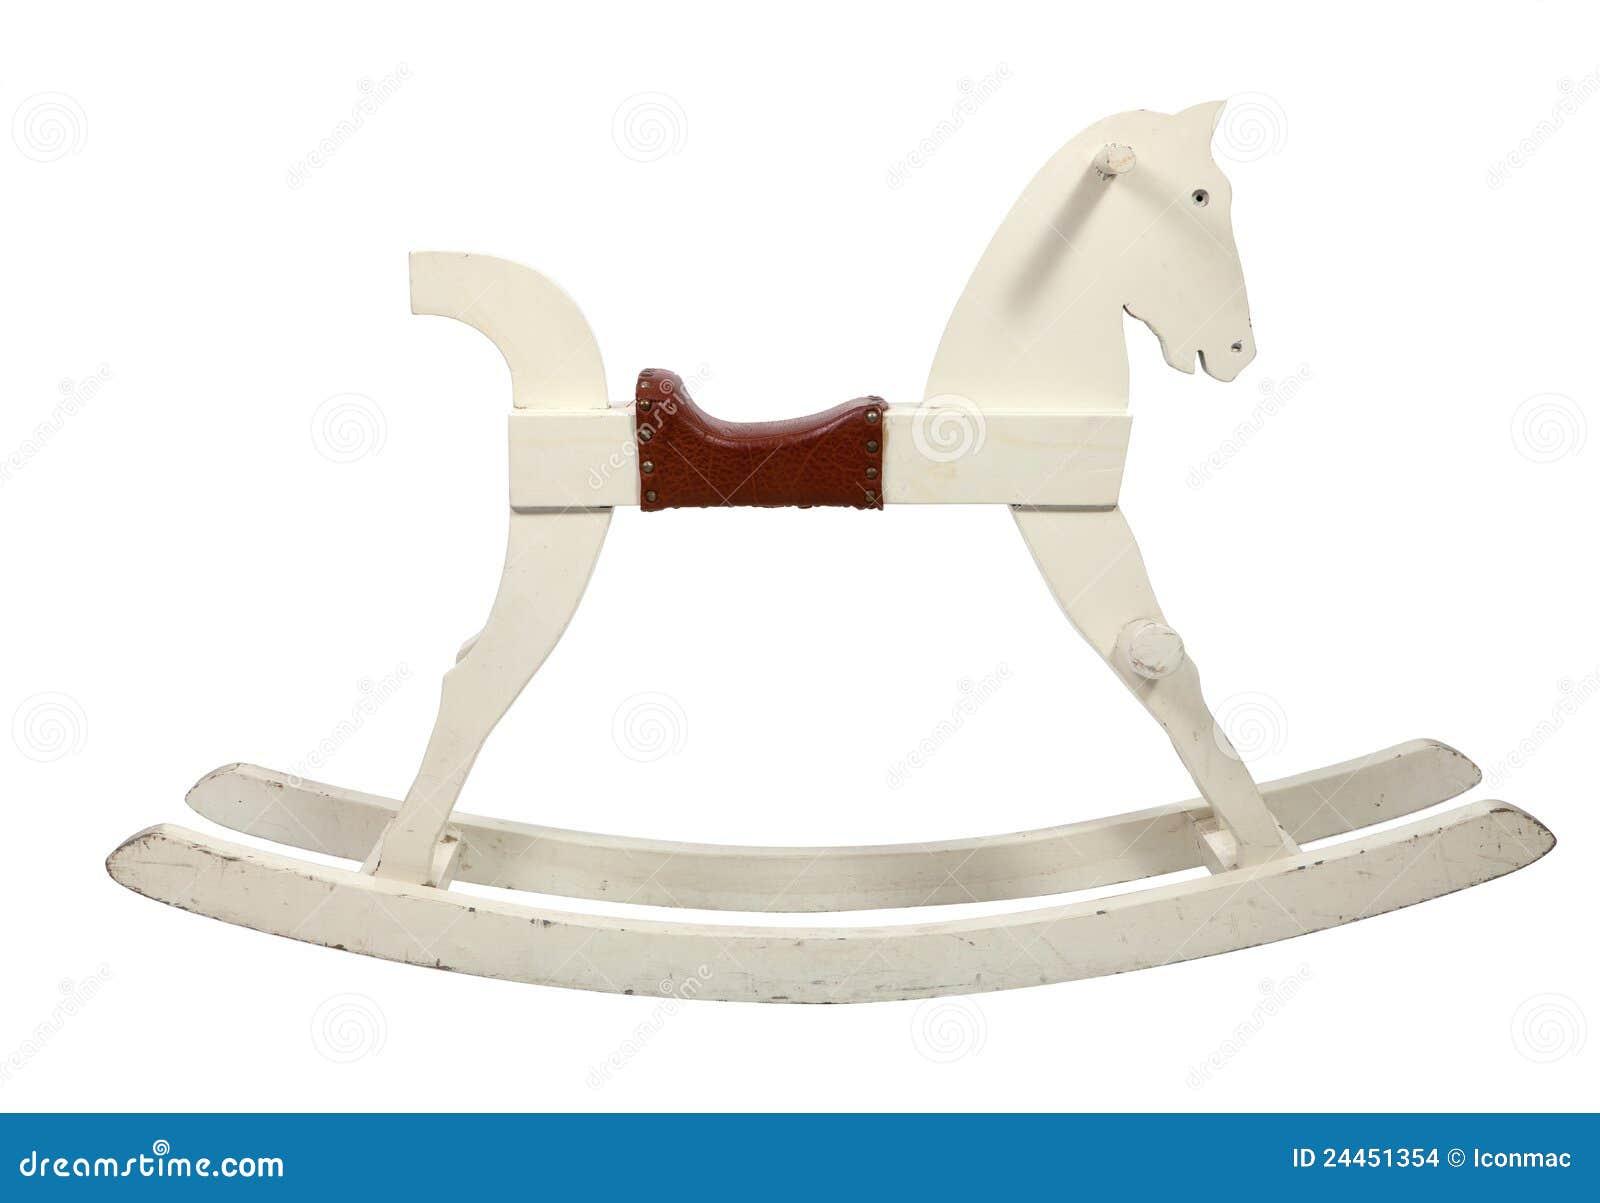 Imagens de Stock: Crianças de madeira brancas da cadeira do cavalo de  #4F1808 1300x995